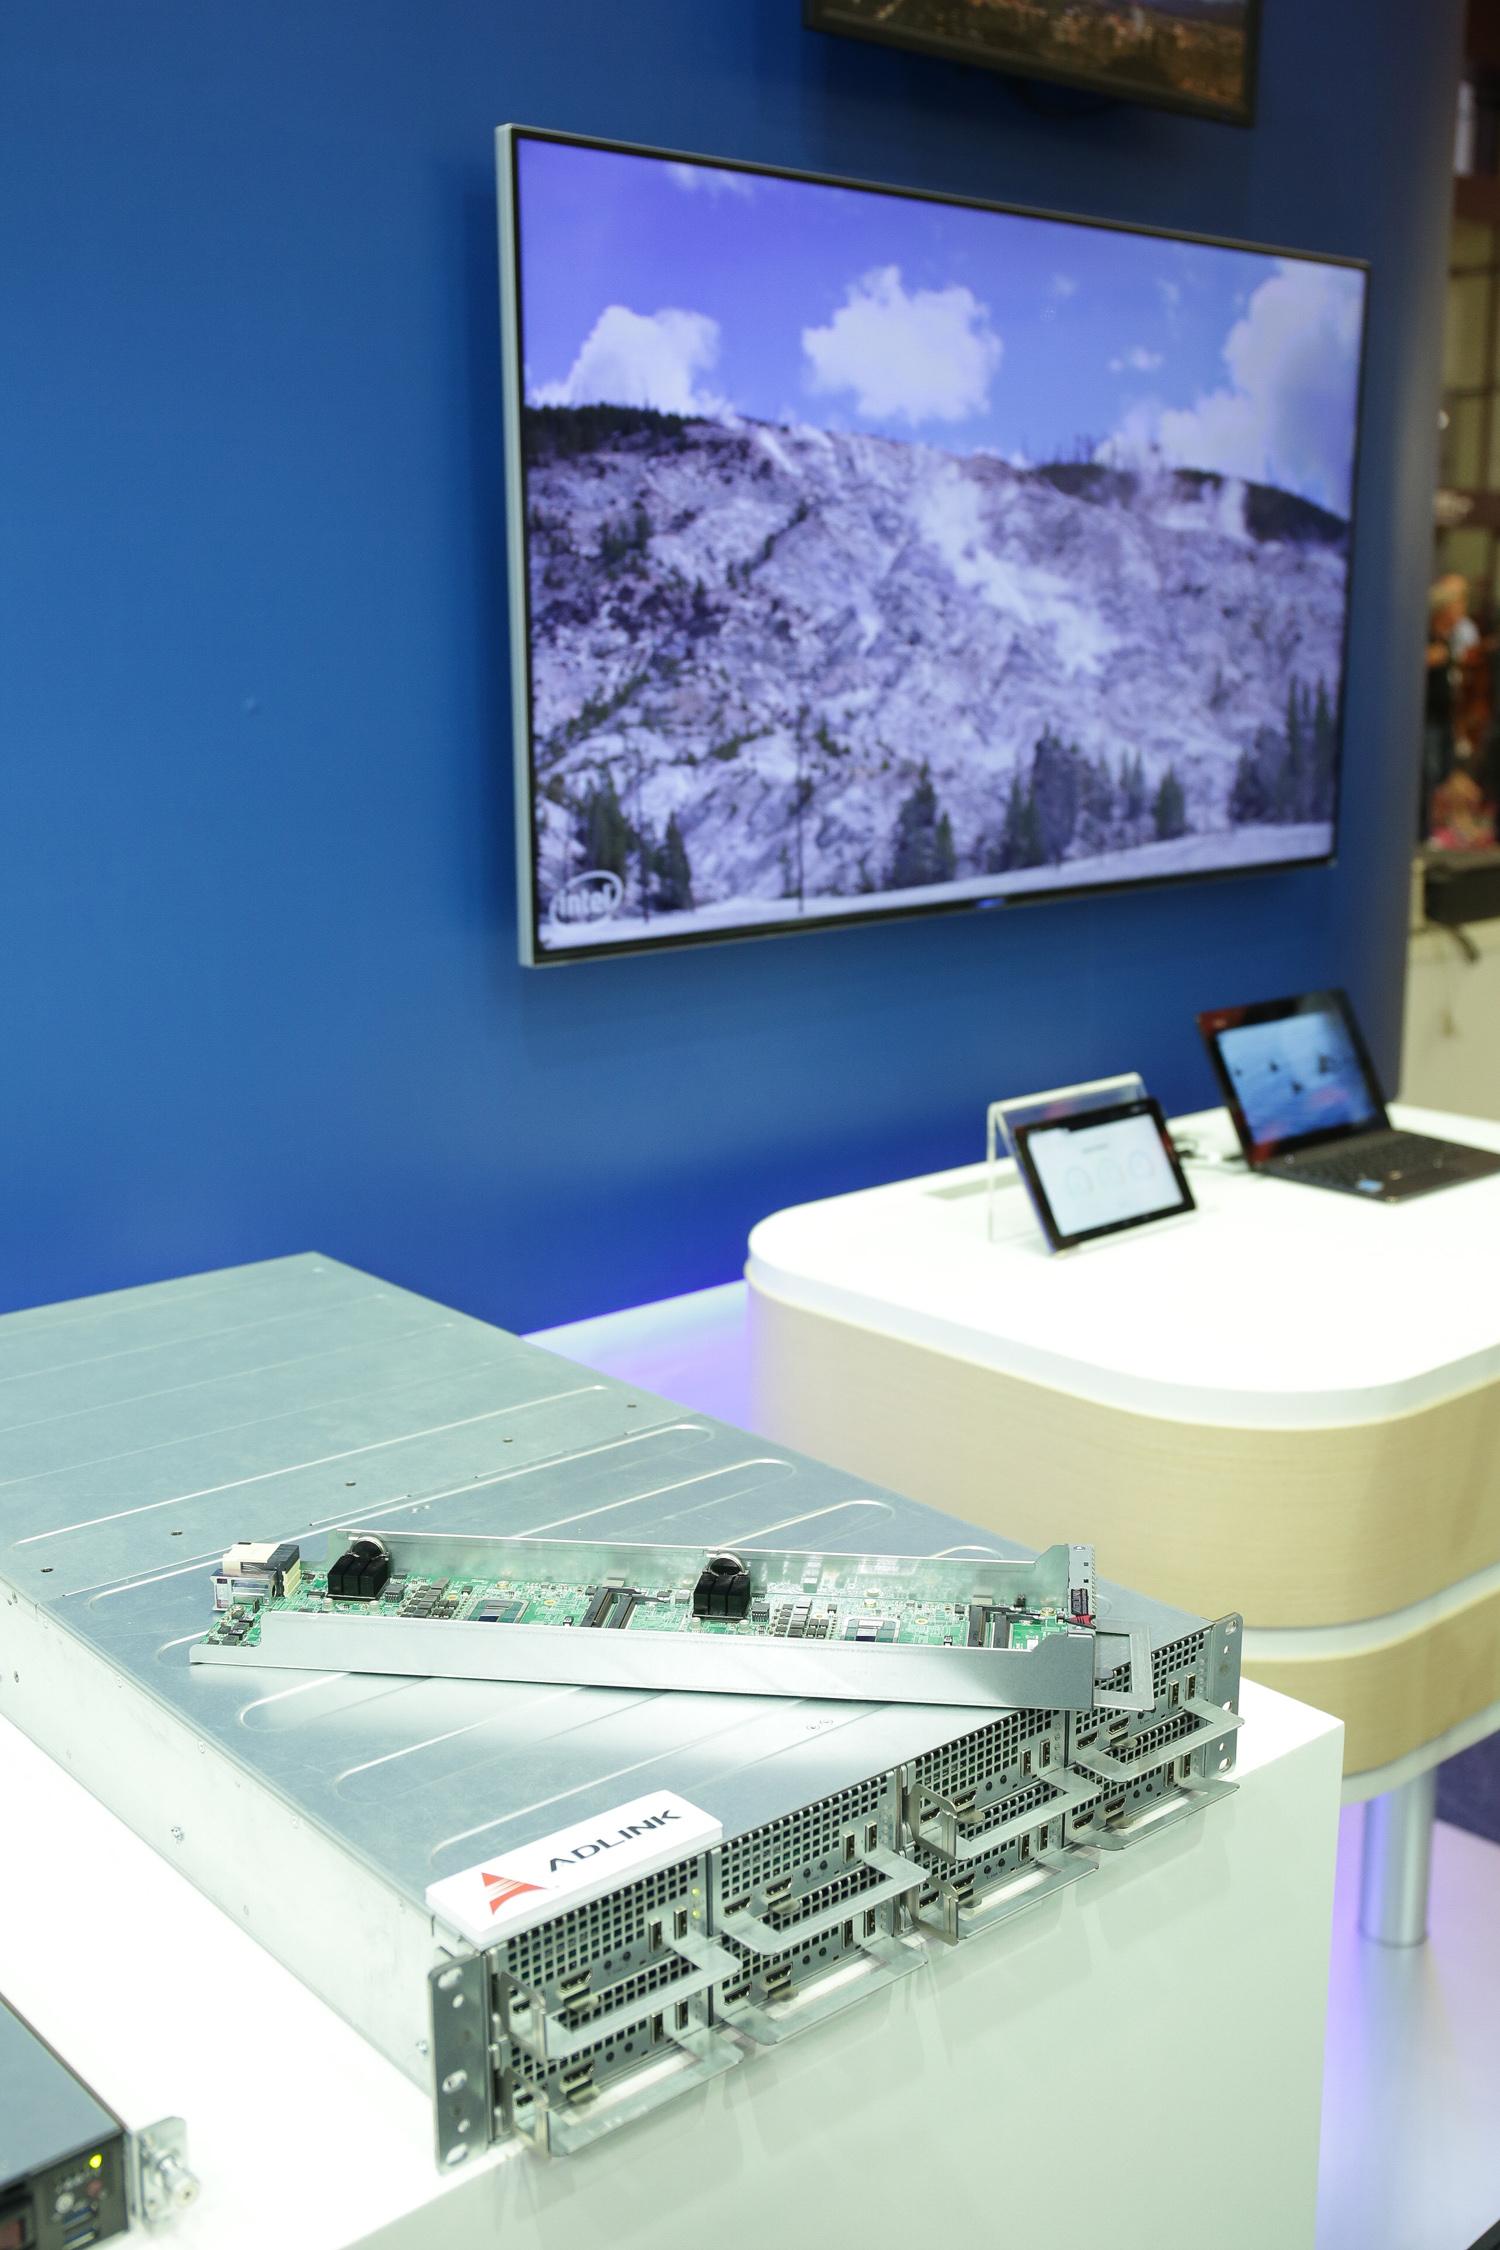 針對資料中心與電信雲所推出的視覺運算解決方案 展出Intel® Xeon® E3-1585 v5處理器如何提供即時4K HEVC格式影片轉檔與傳輸功能。Xeon E3-1585 v5處理器擁有強大的嵌入式繪圖引擎與編解碼器 - Intel® Quick Sync video元件 - 可以運用硬體強化的加速機制,採用最新HEVC編解碼技術進行影片轉檔。這項加速功能速度極快,因此每個處理器能同步處理2 個4k 30fps即時影像流。